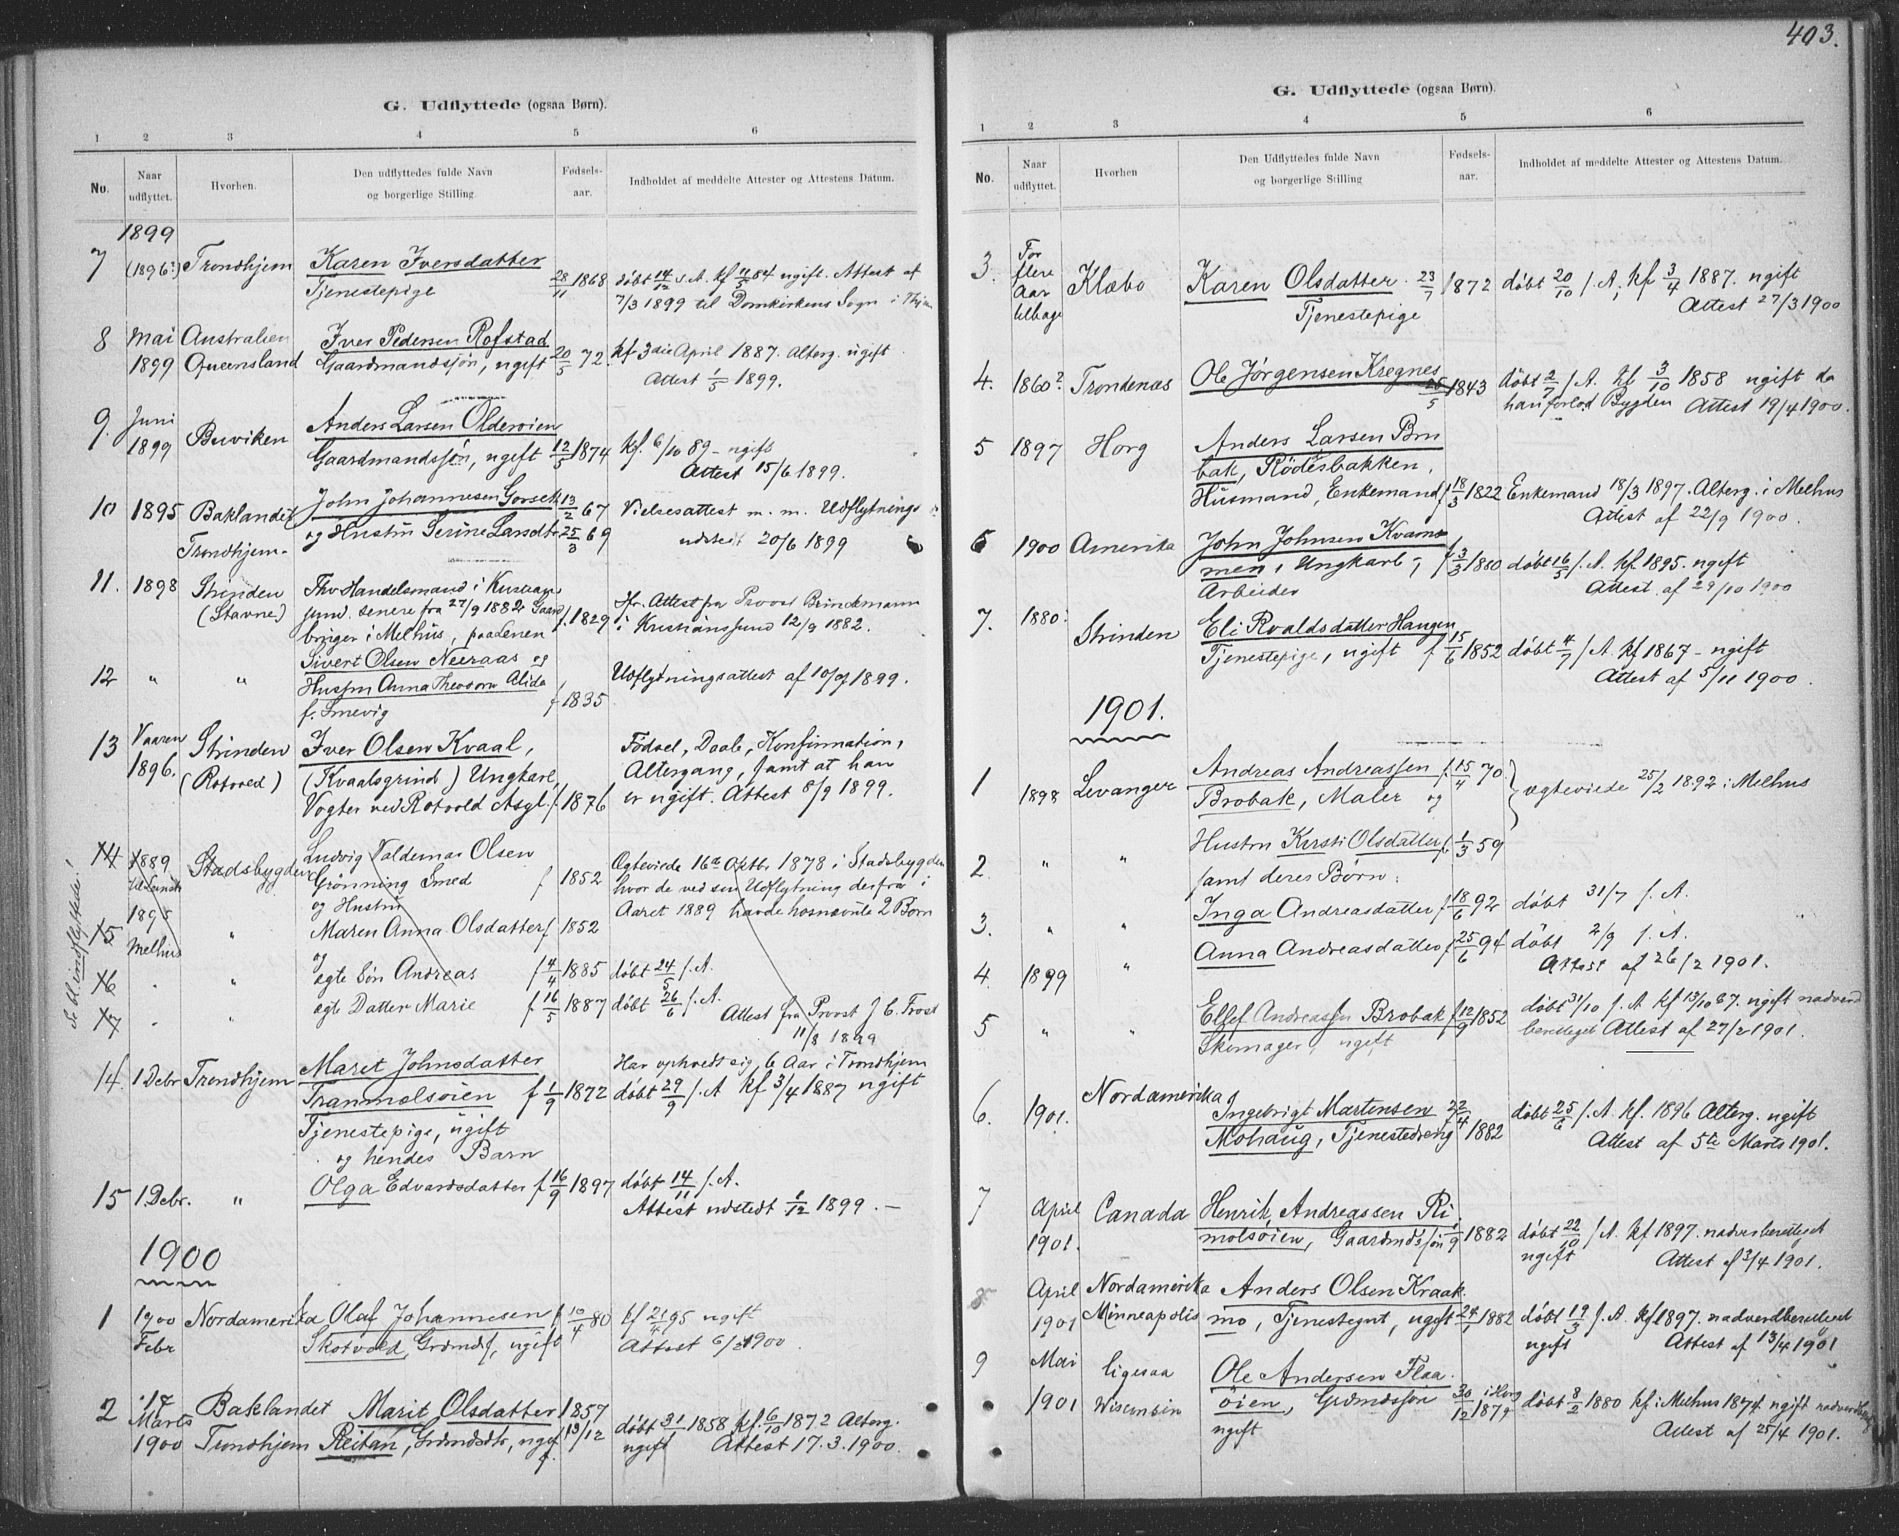 SAT, Ministerialprotokoller, klokkerbøker og fødselsregistre - Sør-Trøndelag, 691/L1085: Ministerialbok nr. 691A17, 1887-1908, s. 403